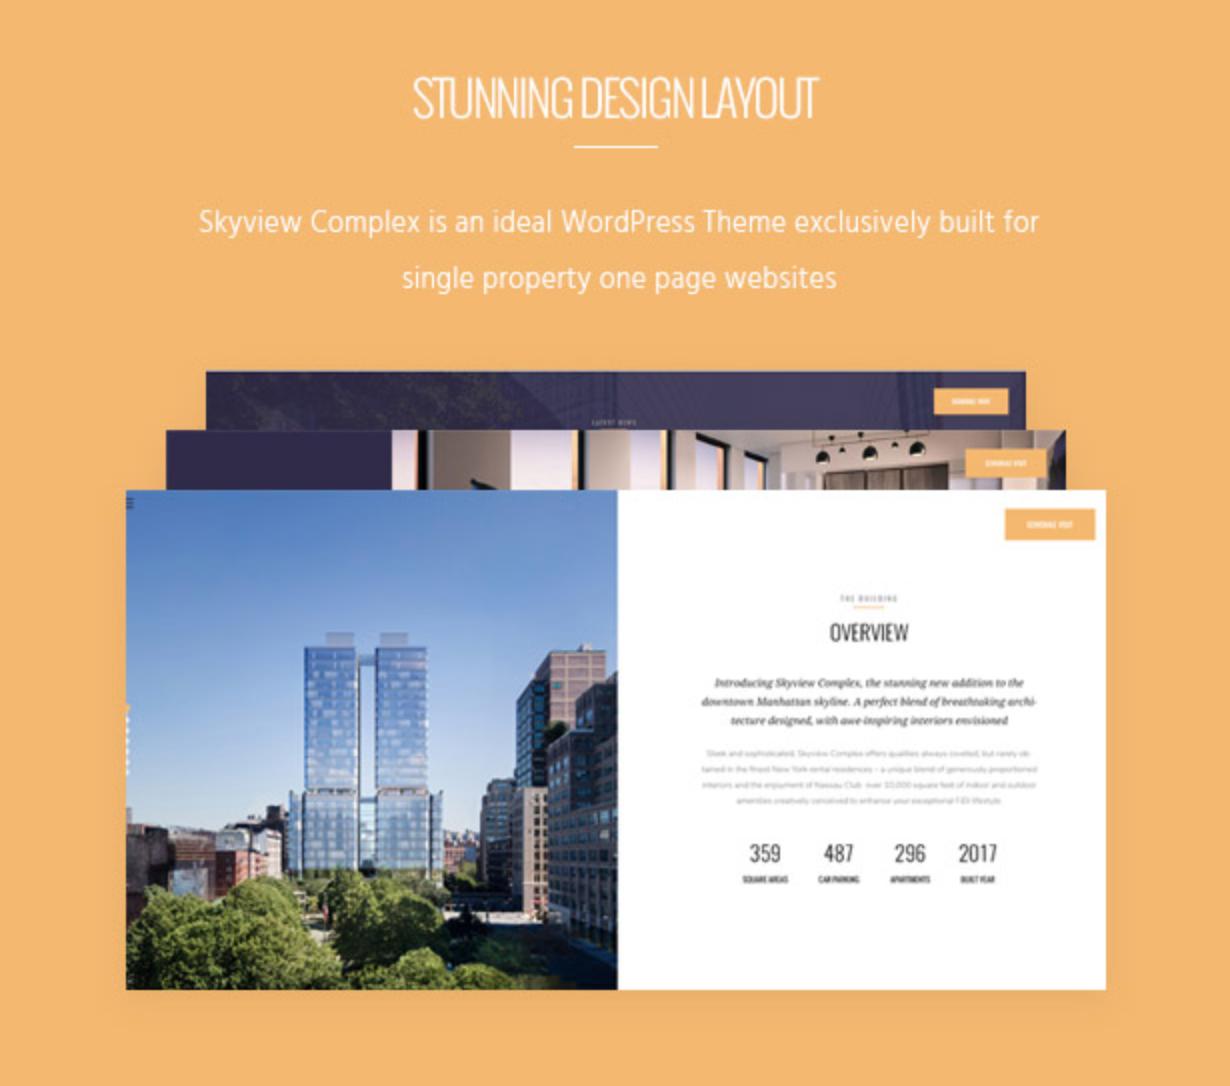 Skyview Complex Design Layout Einzelimmobilien & Immobilien WordPress-Themes